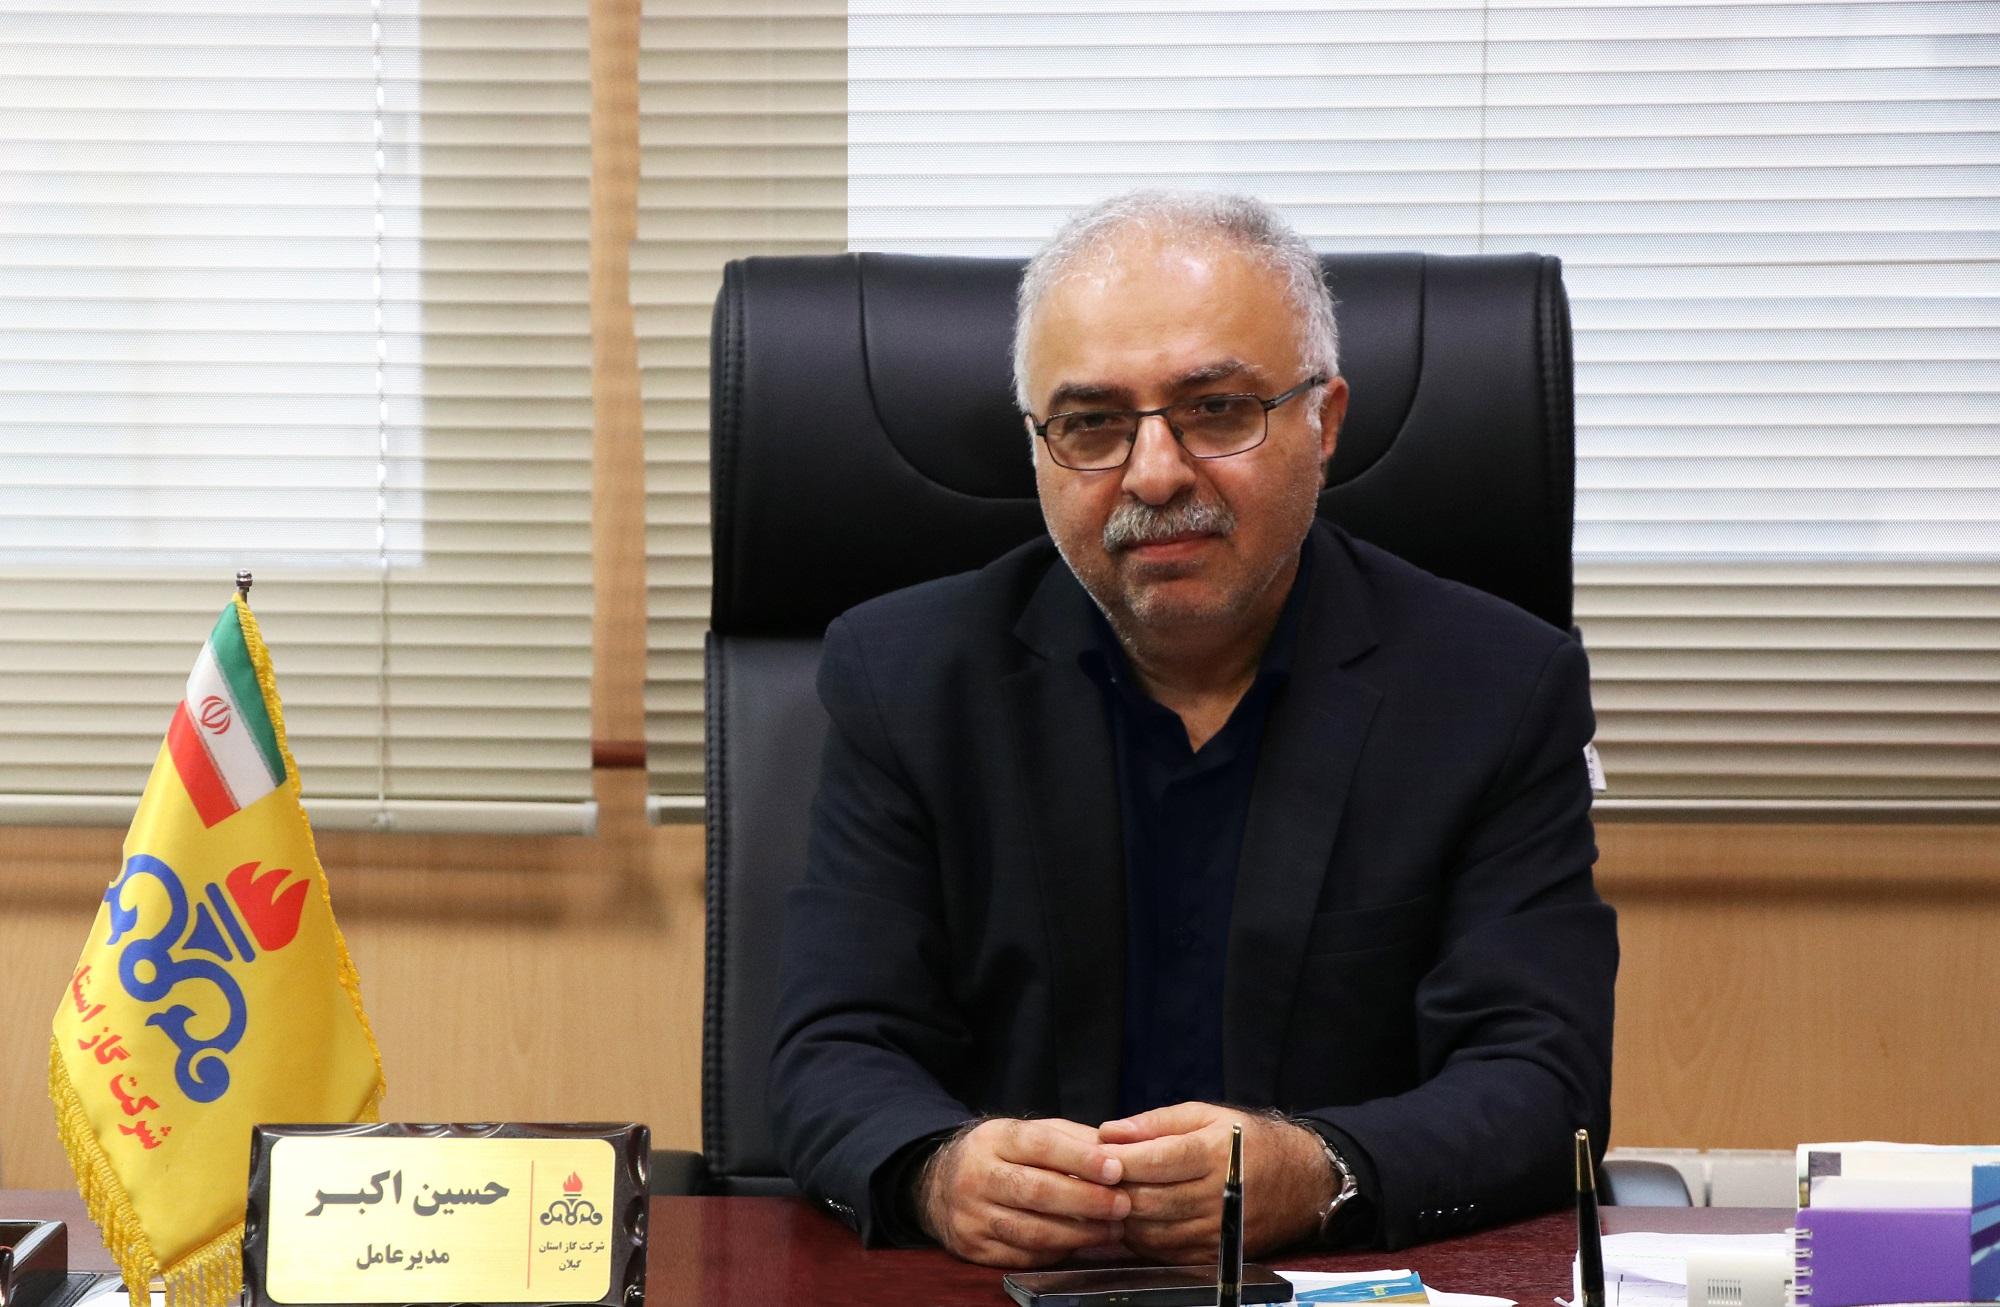 مدیرعامل شرکت گاز استان گیلان : دوره های تئوری-عملی ایمنی و آتش نشانی در شرکت گاز استان گیلان برگزار شد